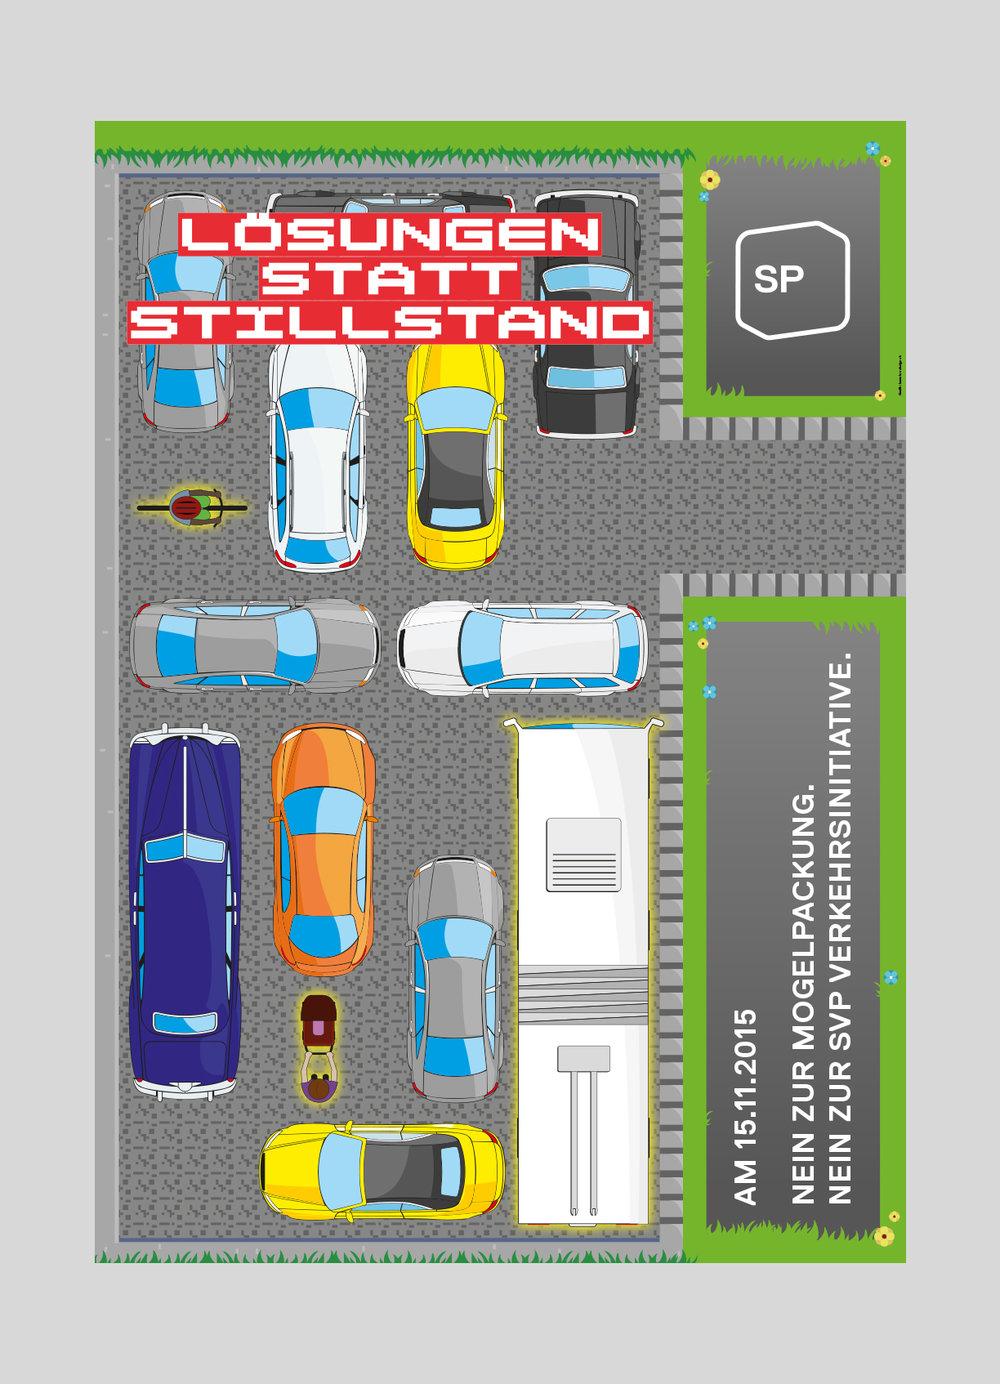 SP Stadt Luzern – SVP Verkehrsinitiative |2015   Abstimmungsplakat, gegen den Ausbau des Autoverkehrs auf Kosten der anderen Verkehrsteilnehmer.